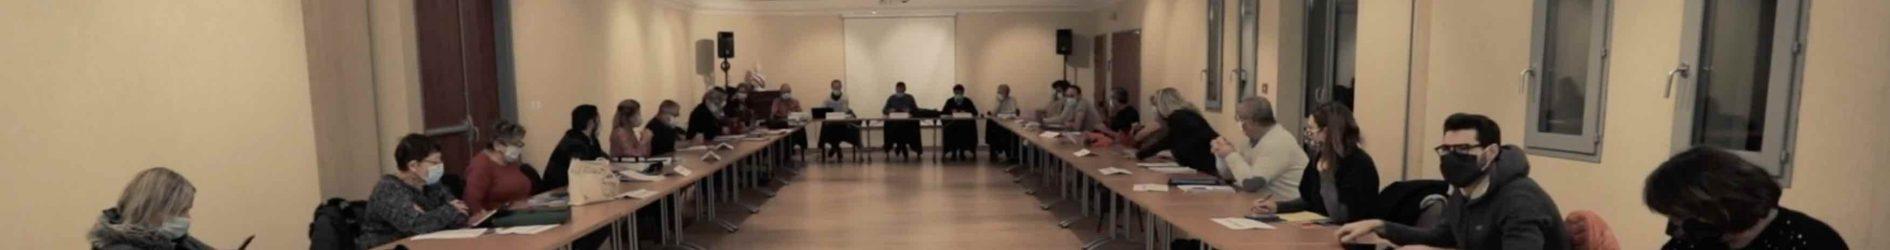 Vidéo du conseil municipal du 7 décembre 2020